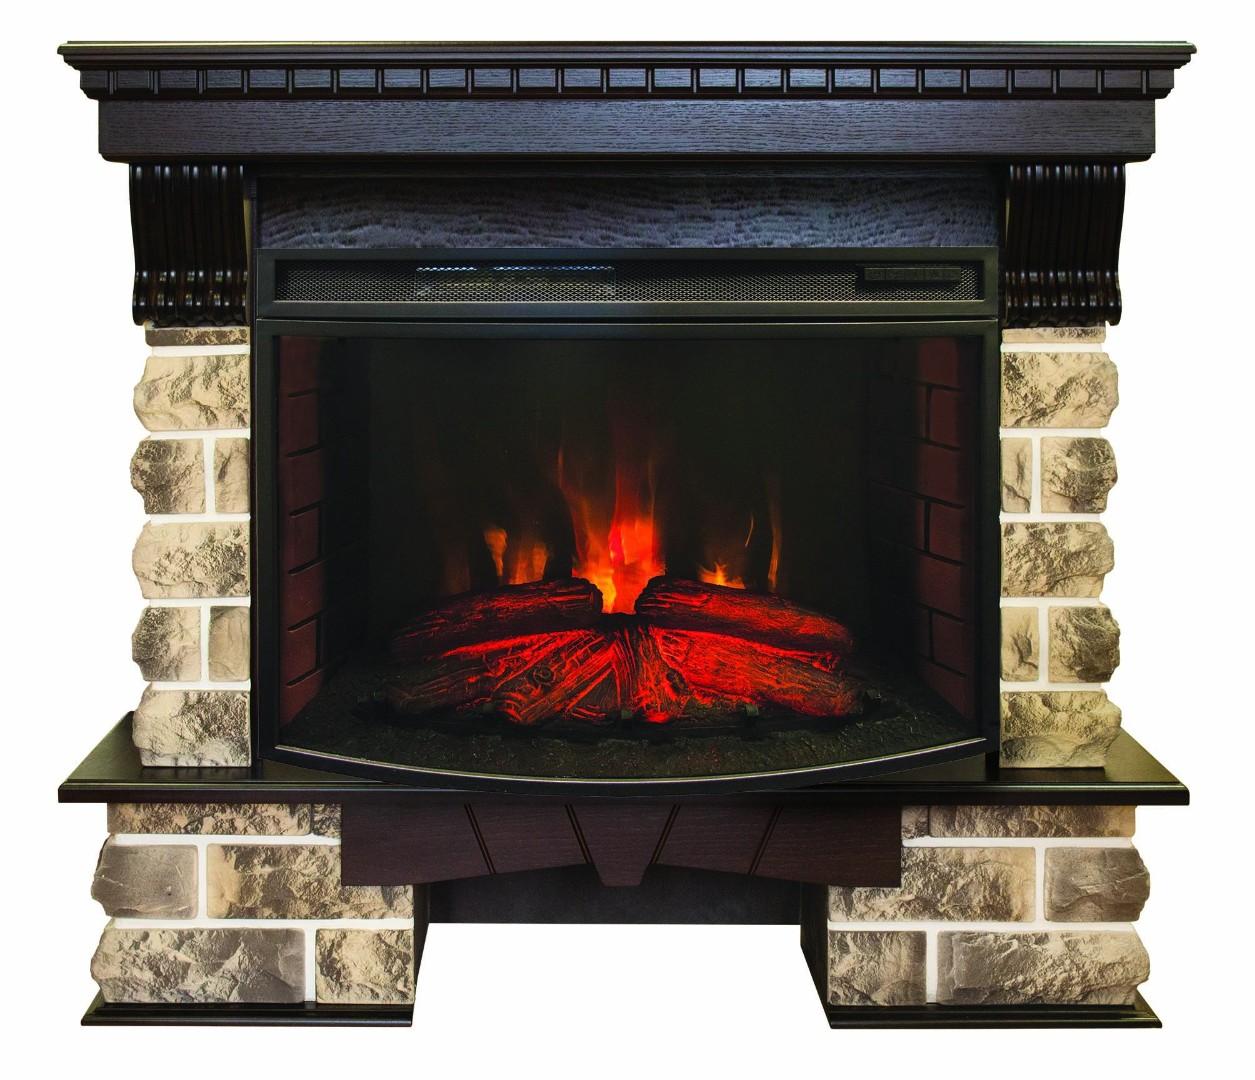 Каминокомплект RealFlame Kansas  AO c FireSpace 33 S IR (в наличии и под заказ)